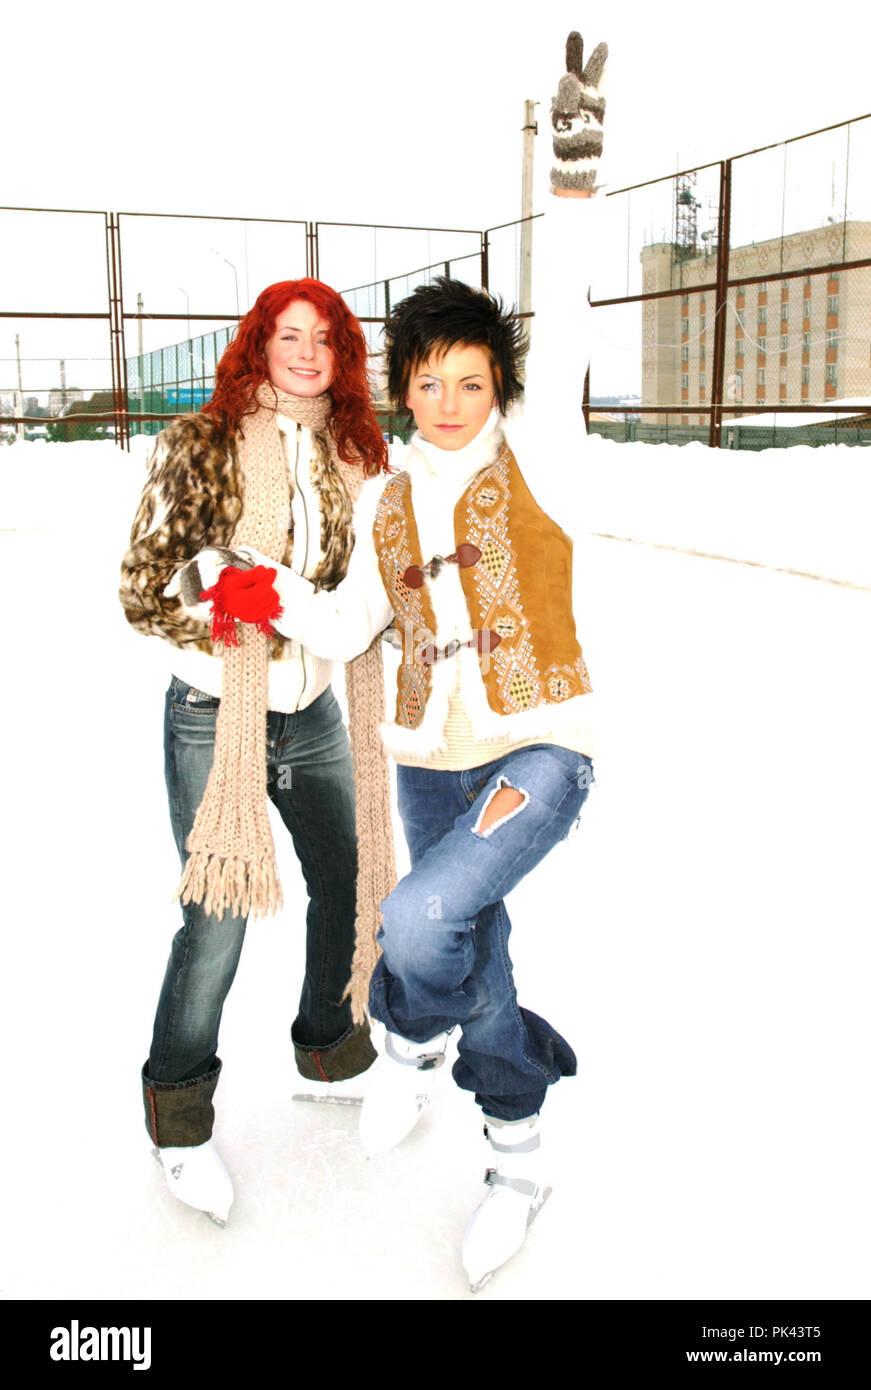 Tatu in 2003 in Moscow. | usage worldwide - Stock Image